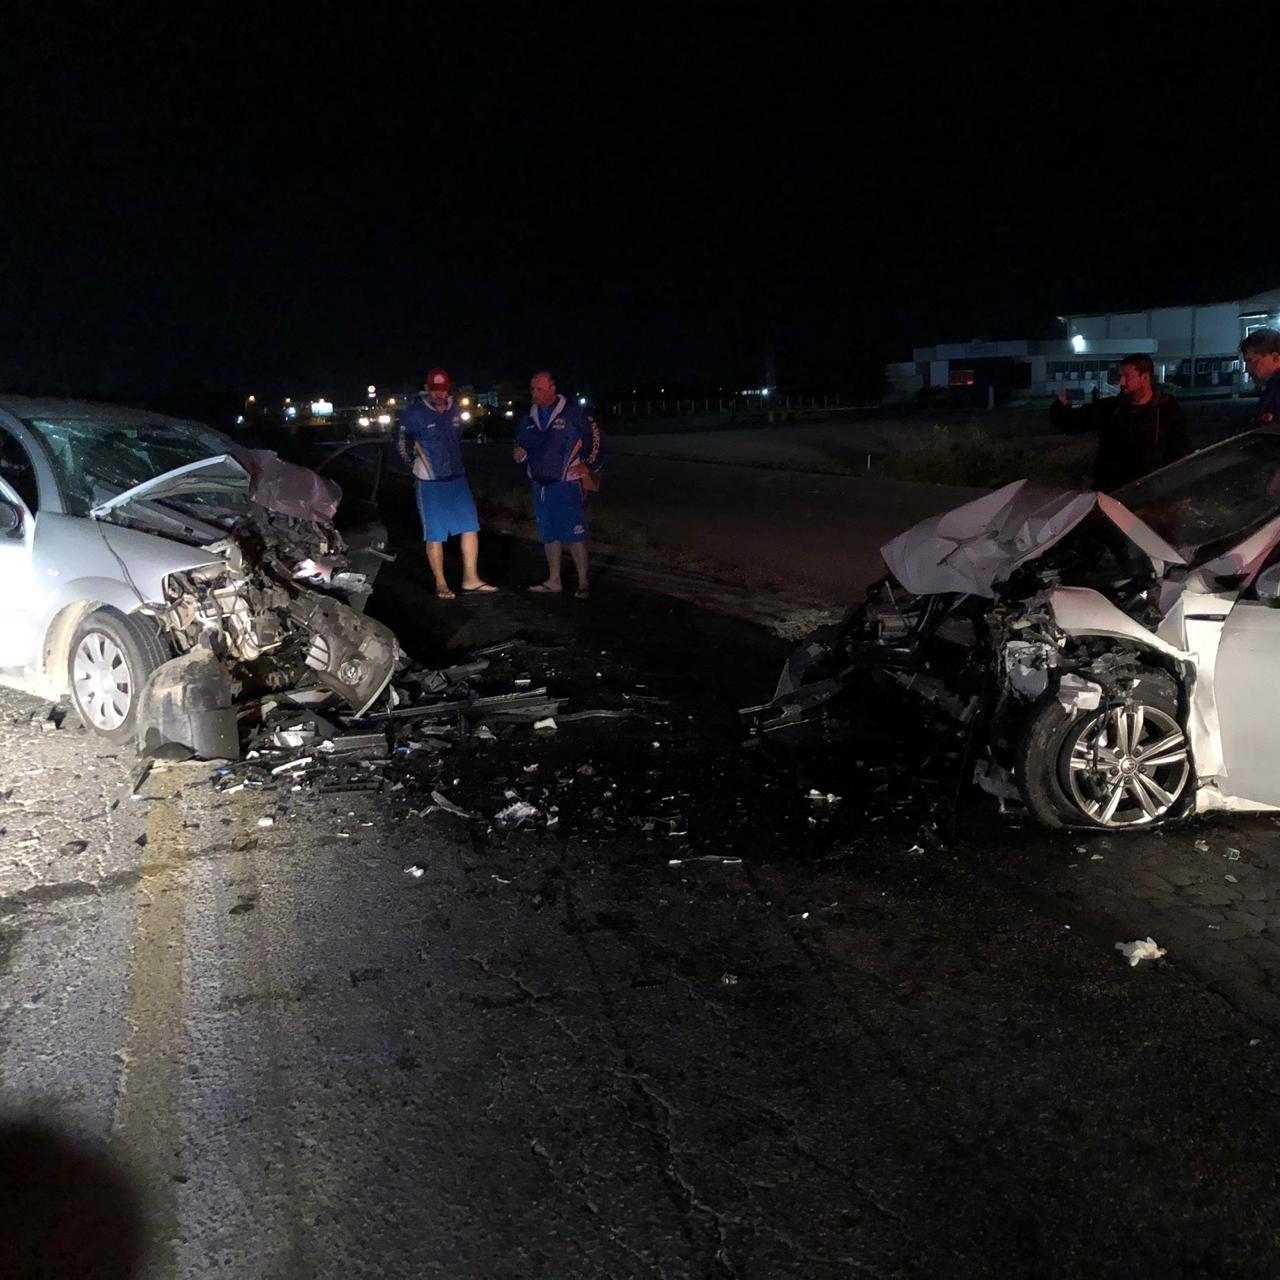 Quatro pessoas ficam feridas após carros baterem de frente na BR-470 em Navegantes  - Notícias - Plantão Diário